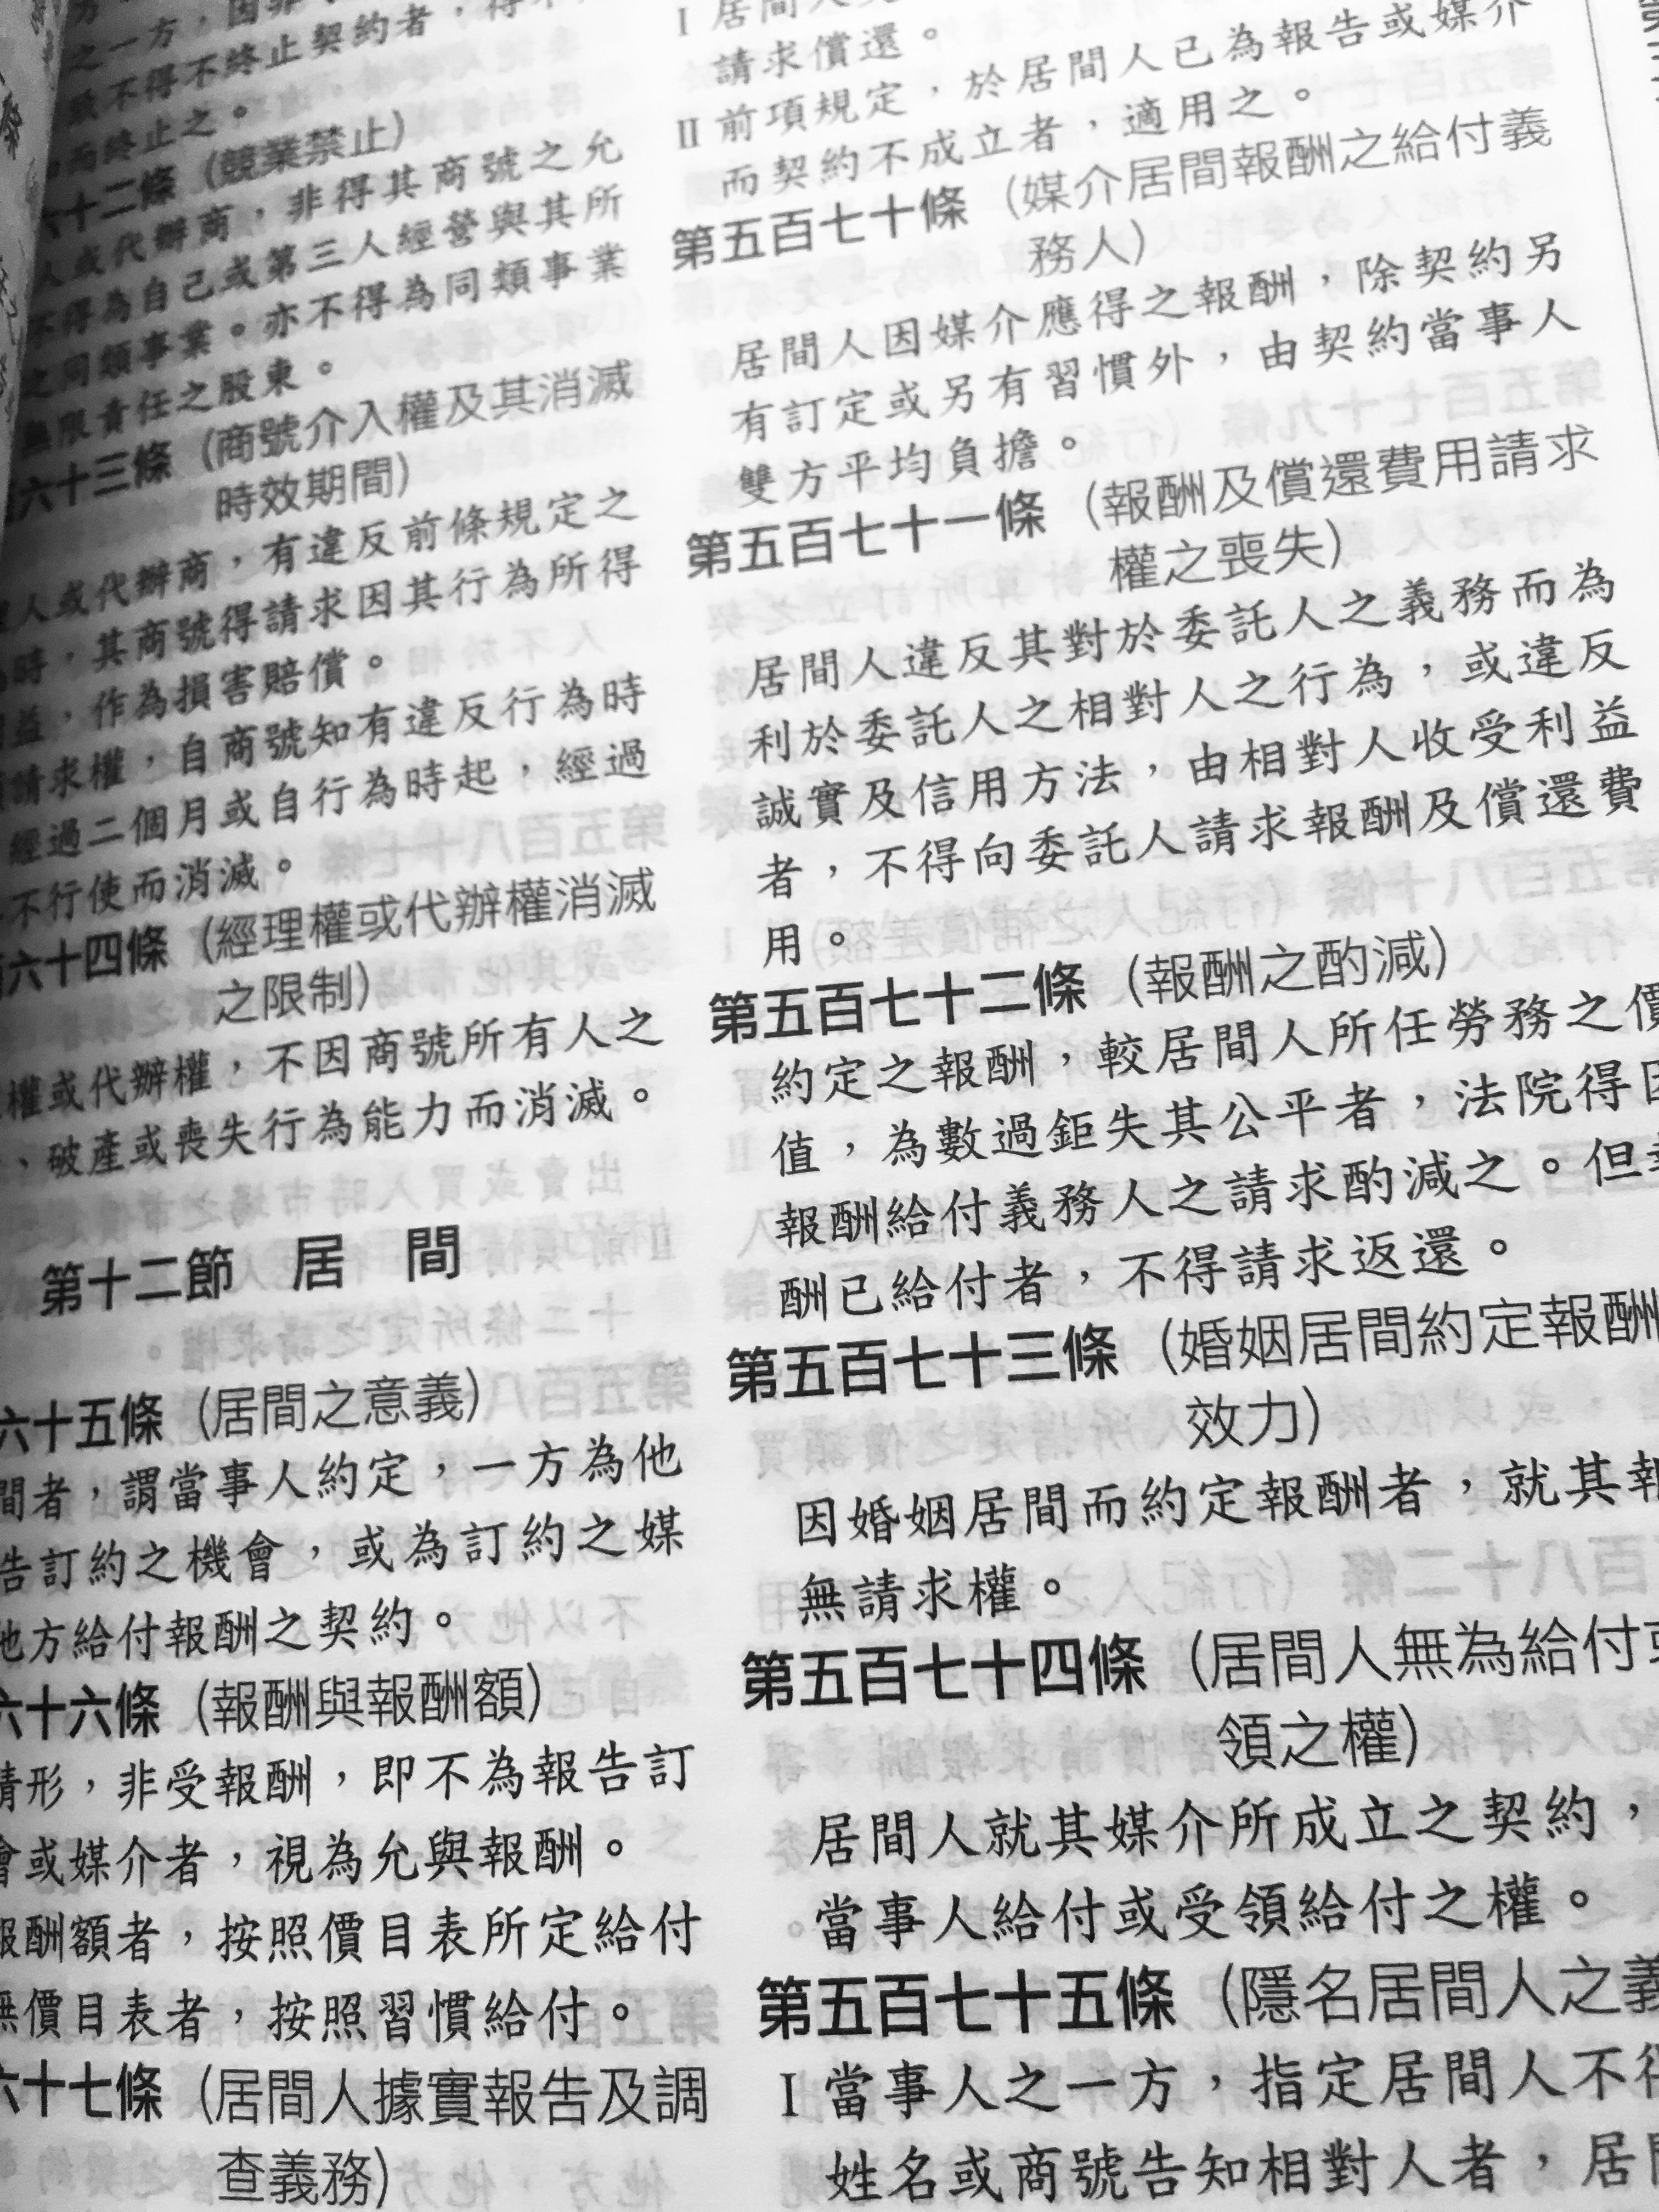 f:id:Hsiao-Jen:20180613172139j:plain